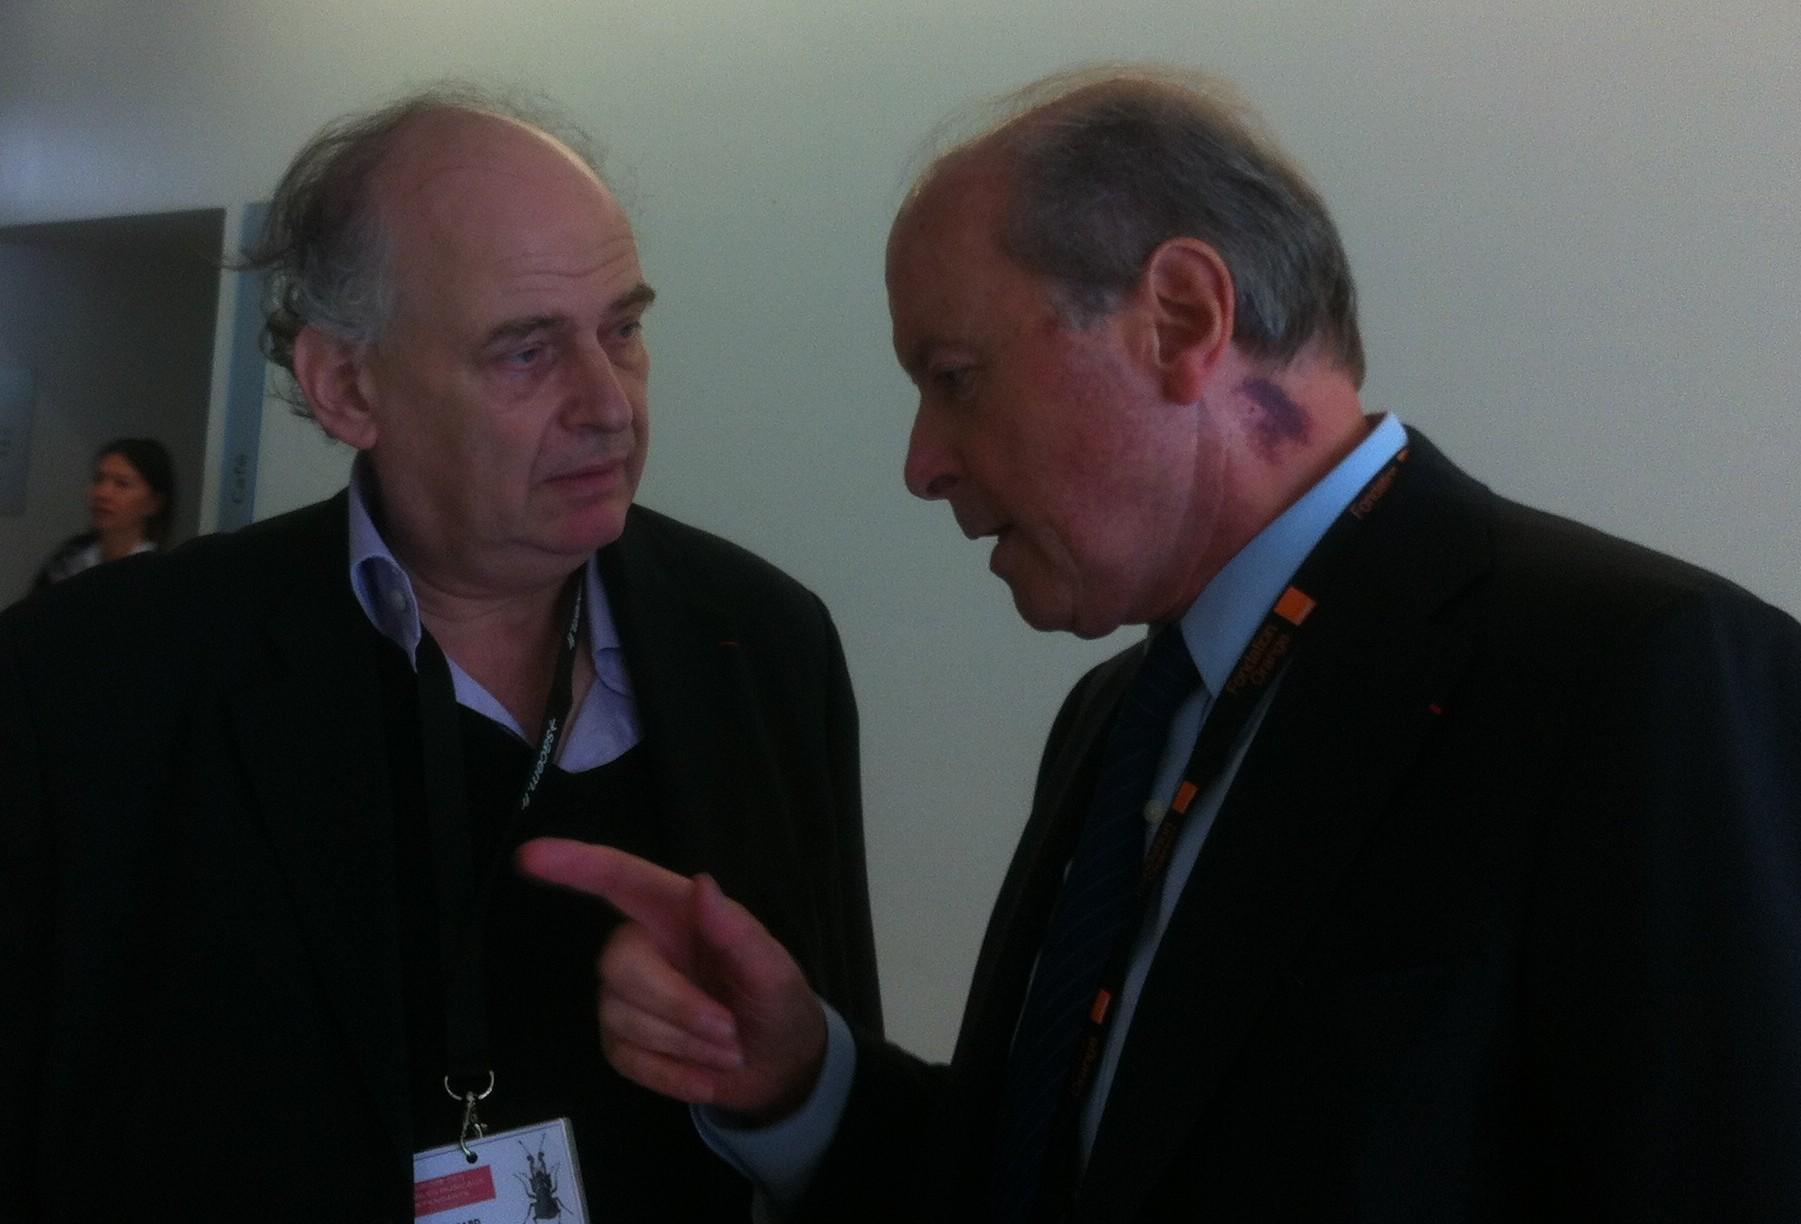 Mr Toubon and Petitgirard